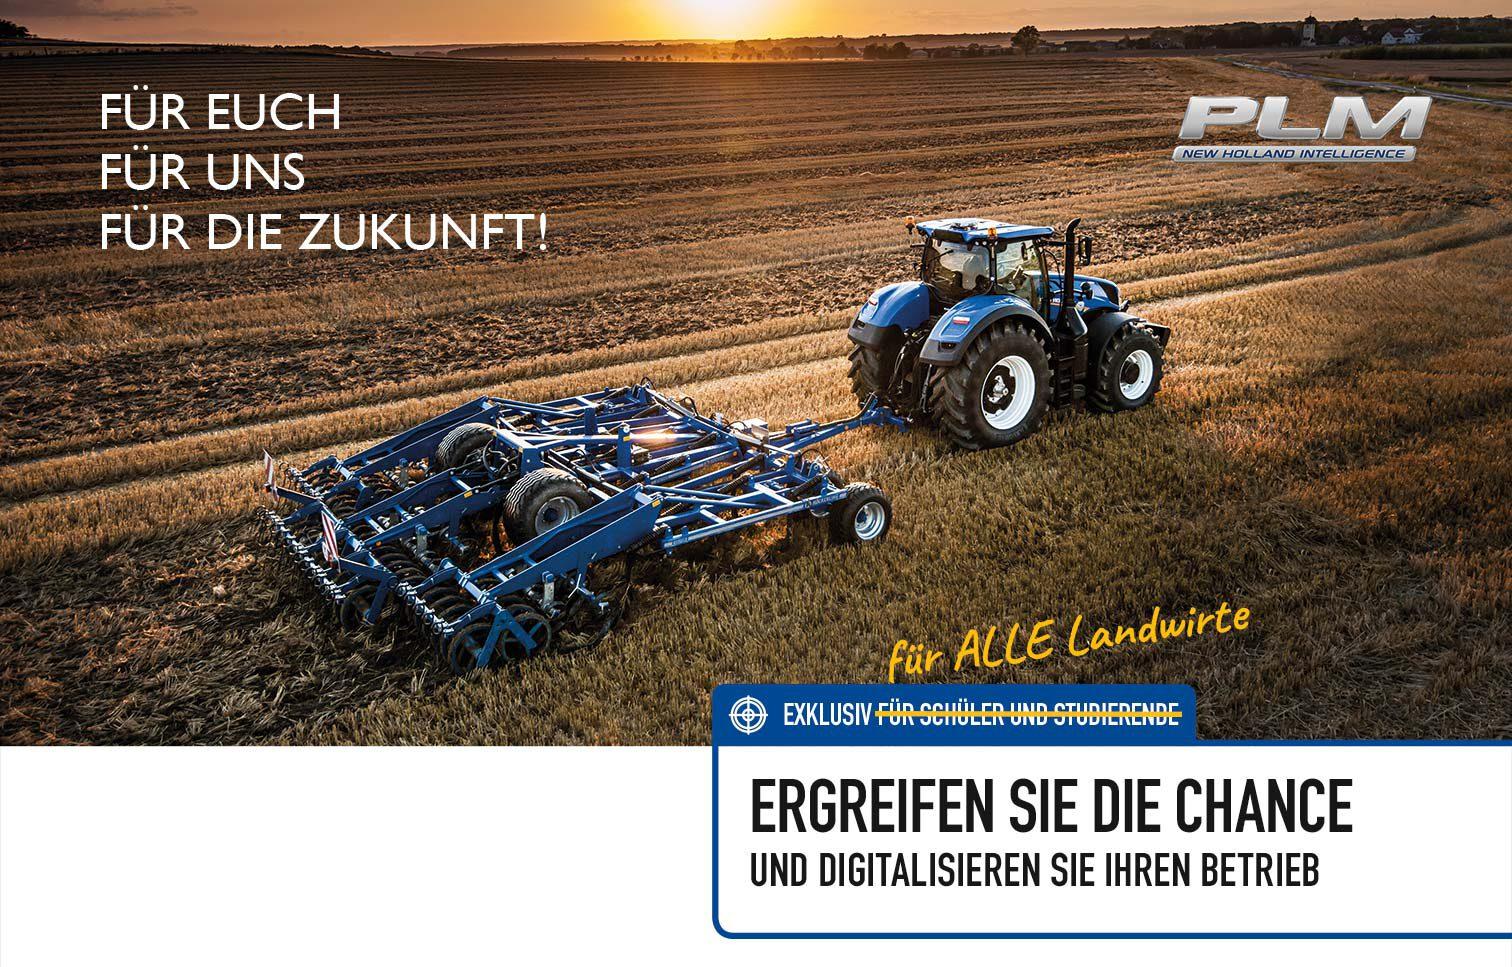 New Holland digitalisiert die Landwirtschaft mit Lenksystemen